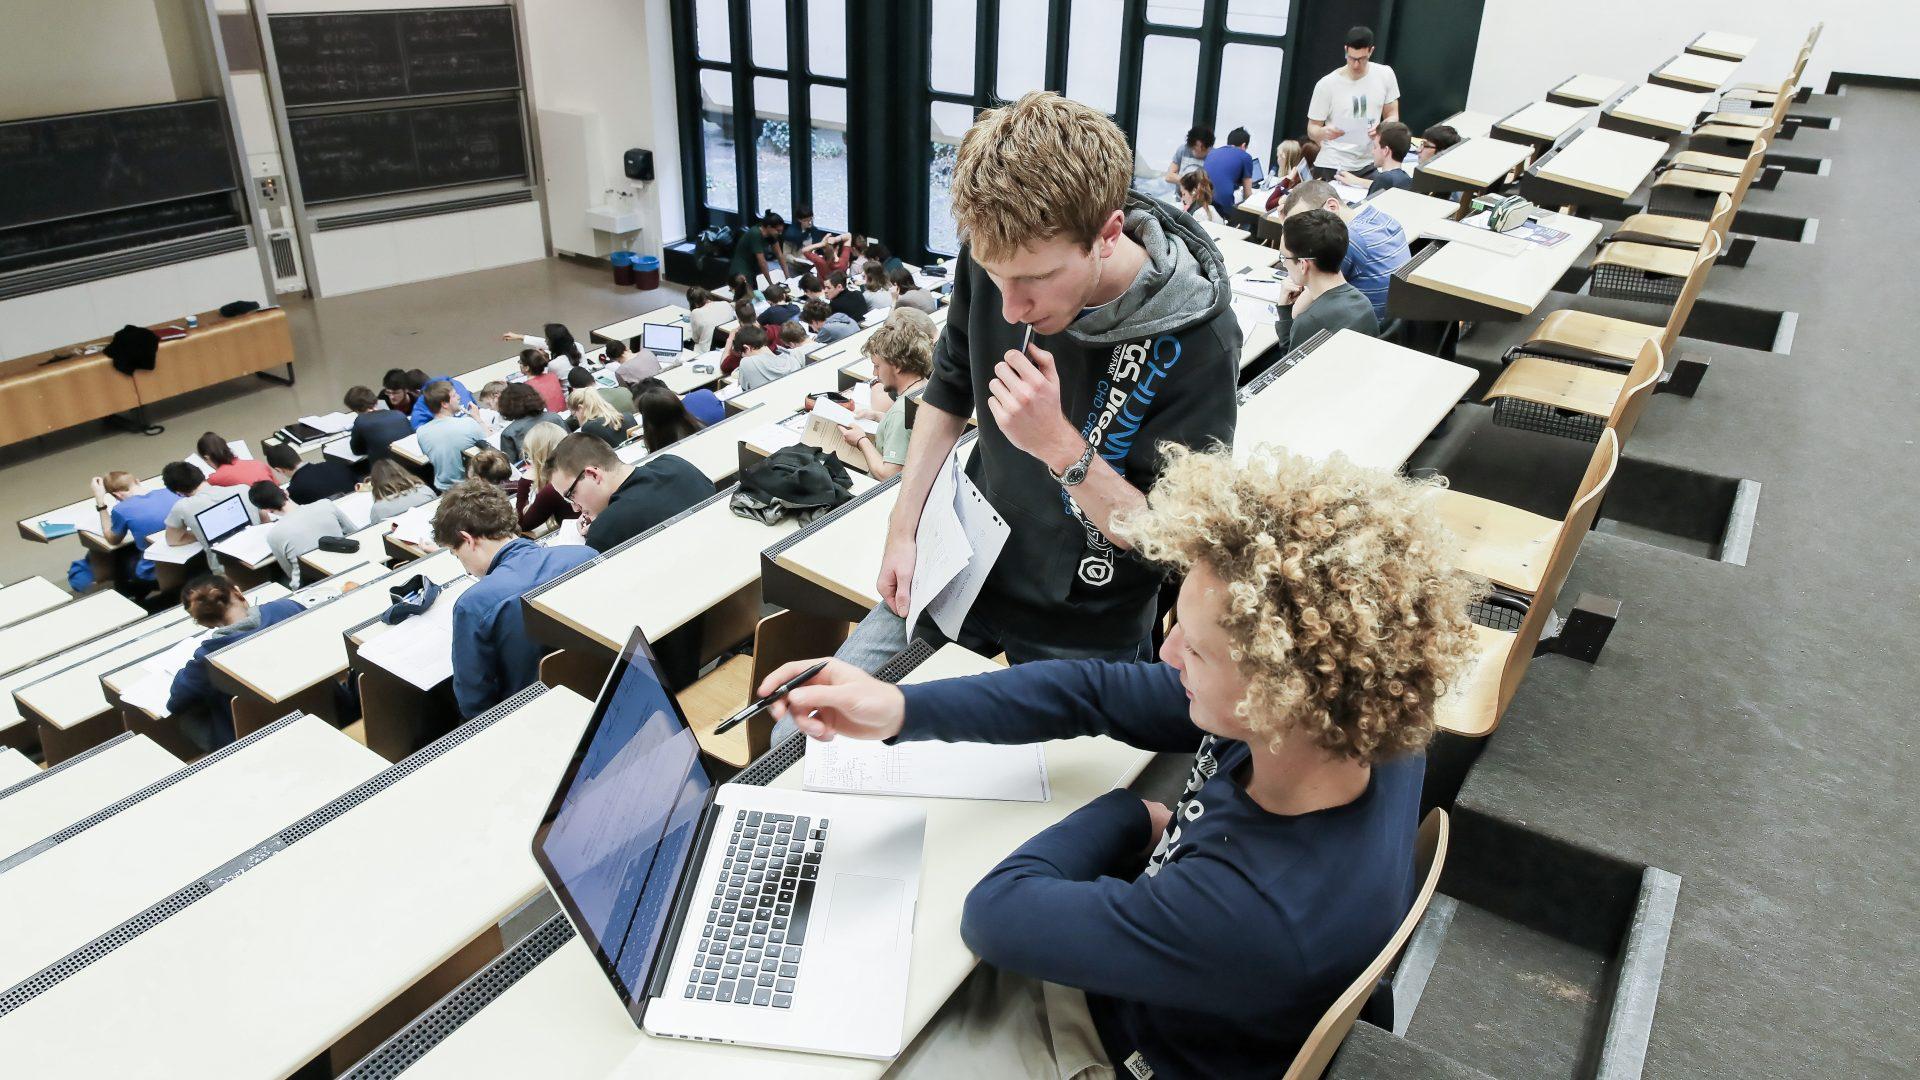 Vue sur un auditoire de l'EPFL, depuis le haut de la salle. Deux étudiants travaillant sur un ordinateur au premier plan.